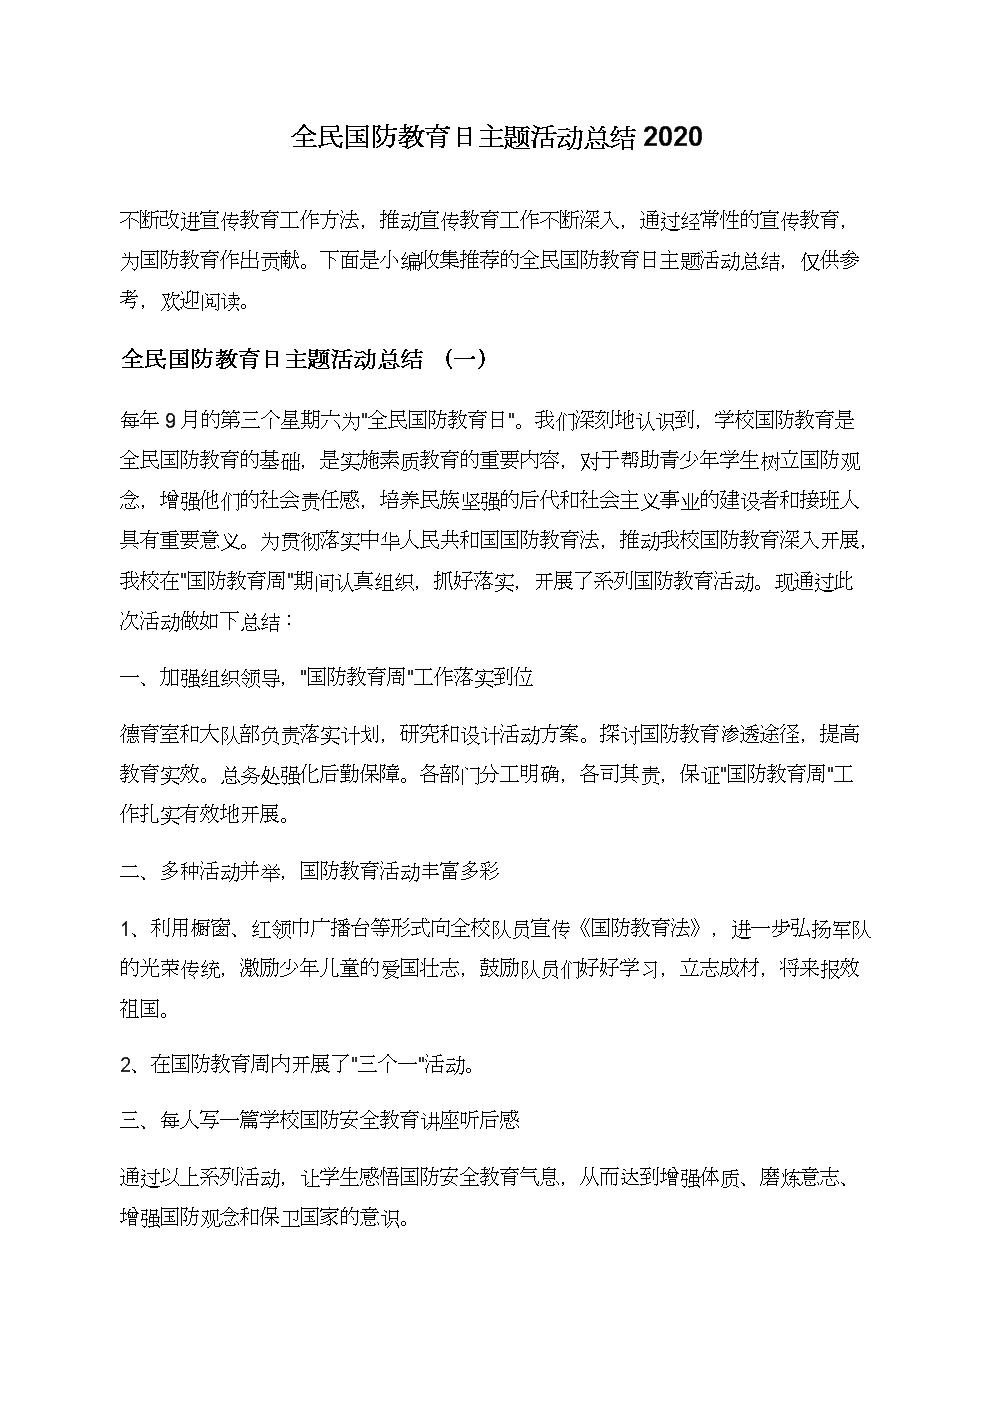 全民国防教育日主题活动总结2020.doc